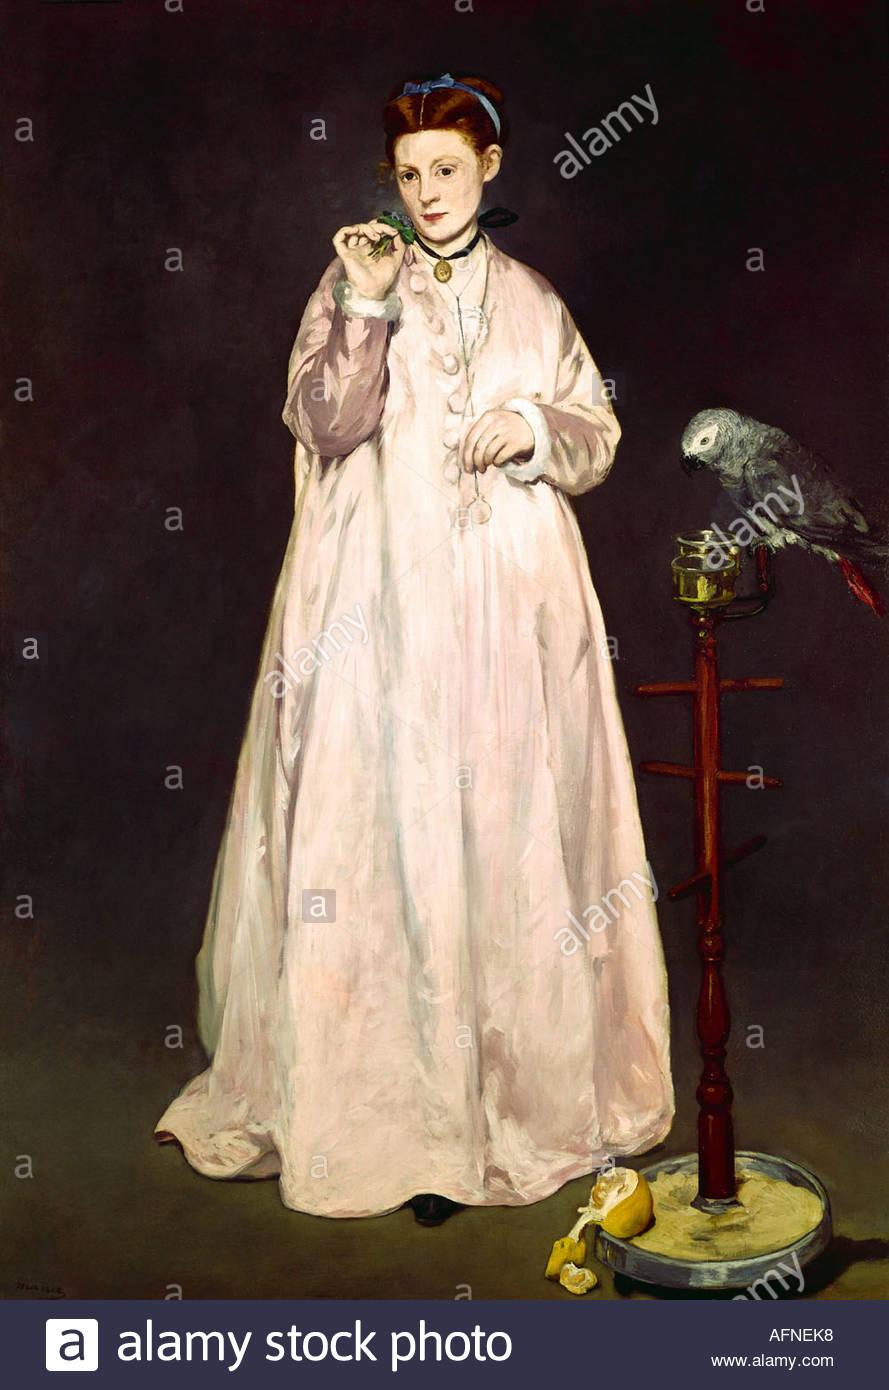 """""""Bellas Artes, Manet, Edouard, (1832 - 1883), pintura, 'La Femme au Loro"""", (""""Mujer con un loro""""), Imagen De Stock"""